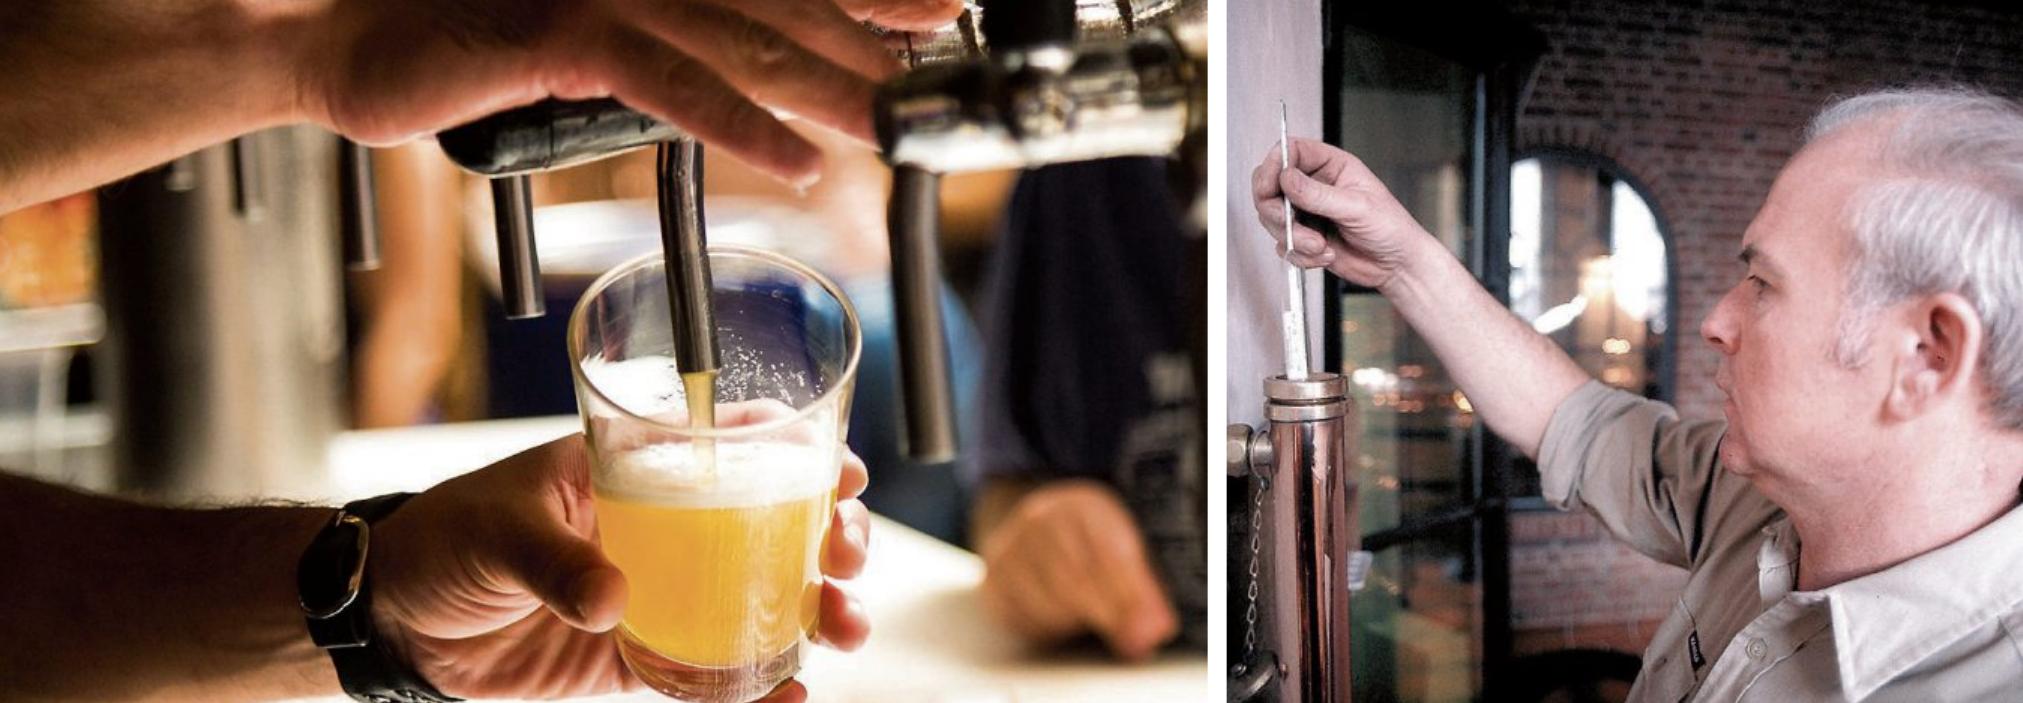 Ob frisch gezapft oder aus der Flasche: In Deutschland werden mehr als 5000 verschiedene Biere gebraut. Bild rechts: Deutscher Brauer-Bund e.V